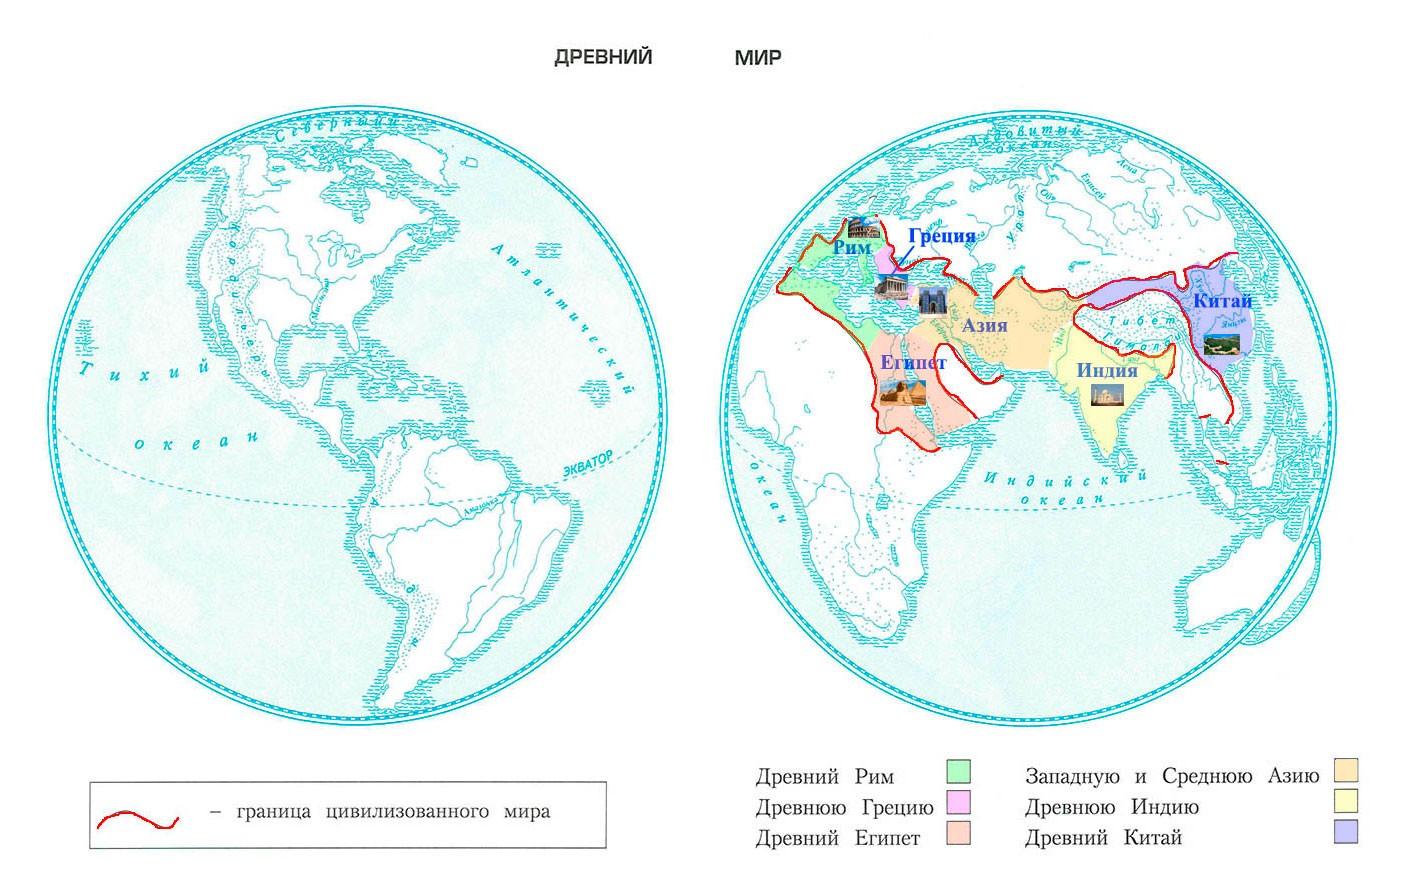 """Контурная карта """"Древний мир"""" - Харитонова 4 класс 2 часть. Рабочая тетрадь"""